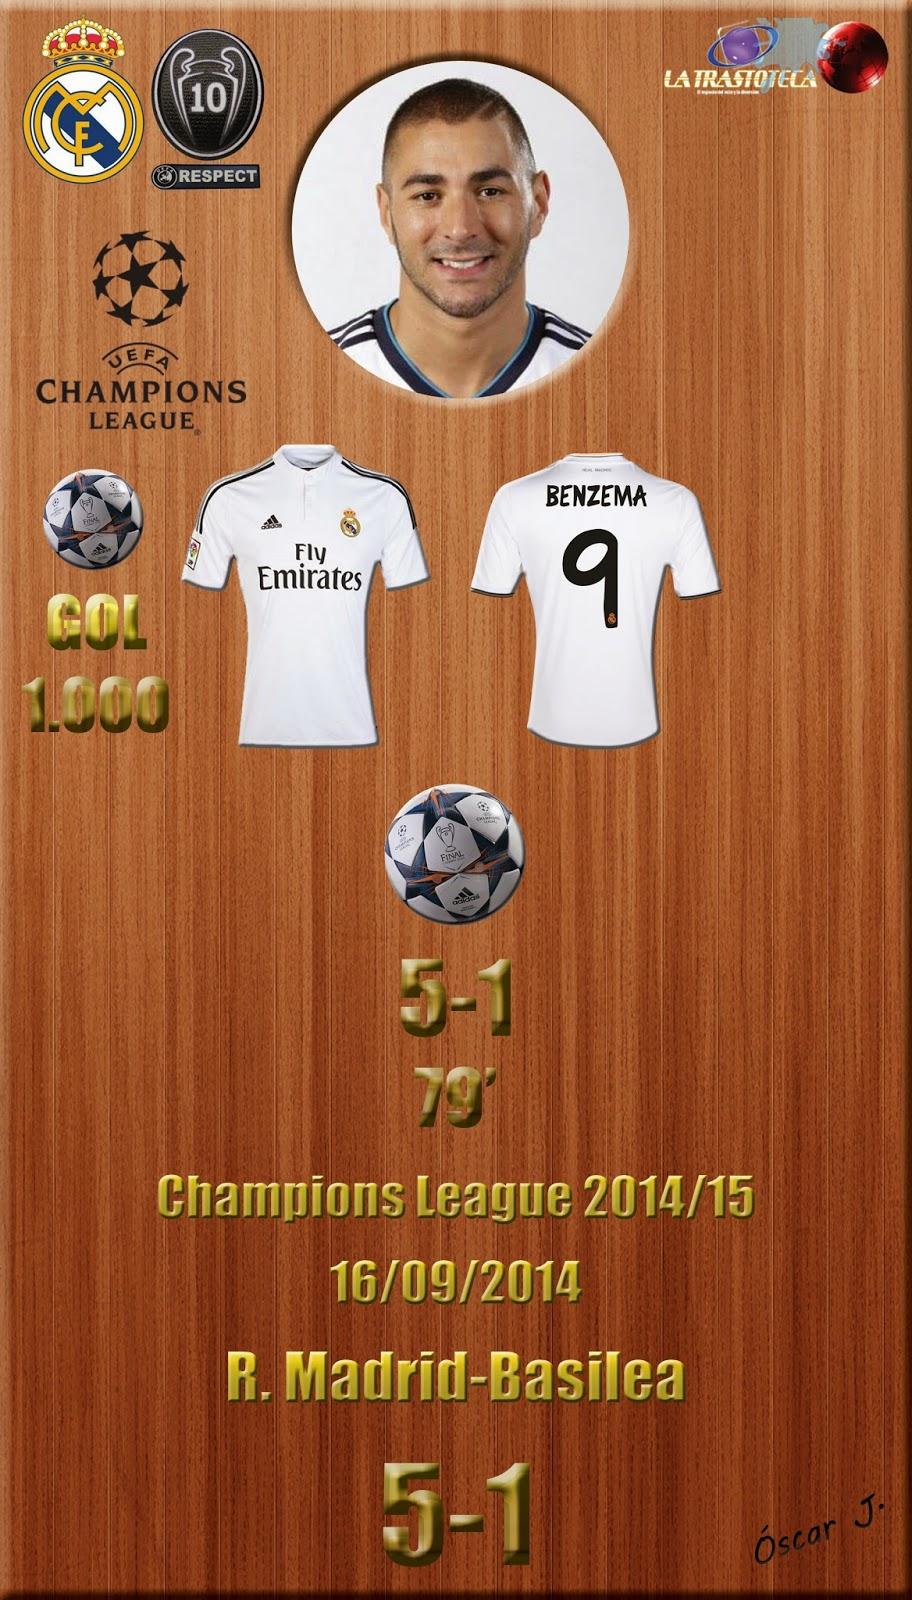 Benzema (5-1) Marca el Gol 1000 del Real Madrid en competición europea- Champions League. Jornada 1 (16/09/2014)